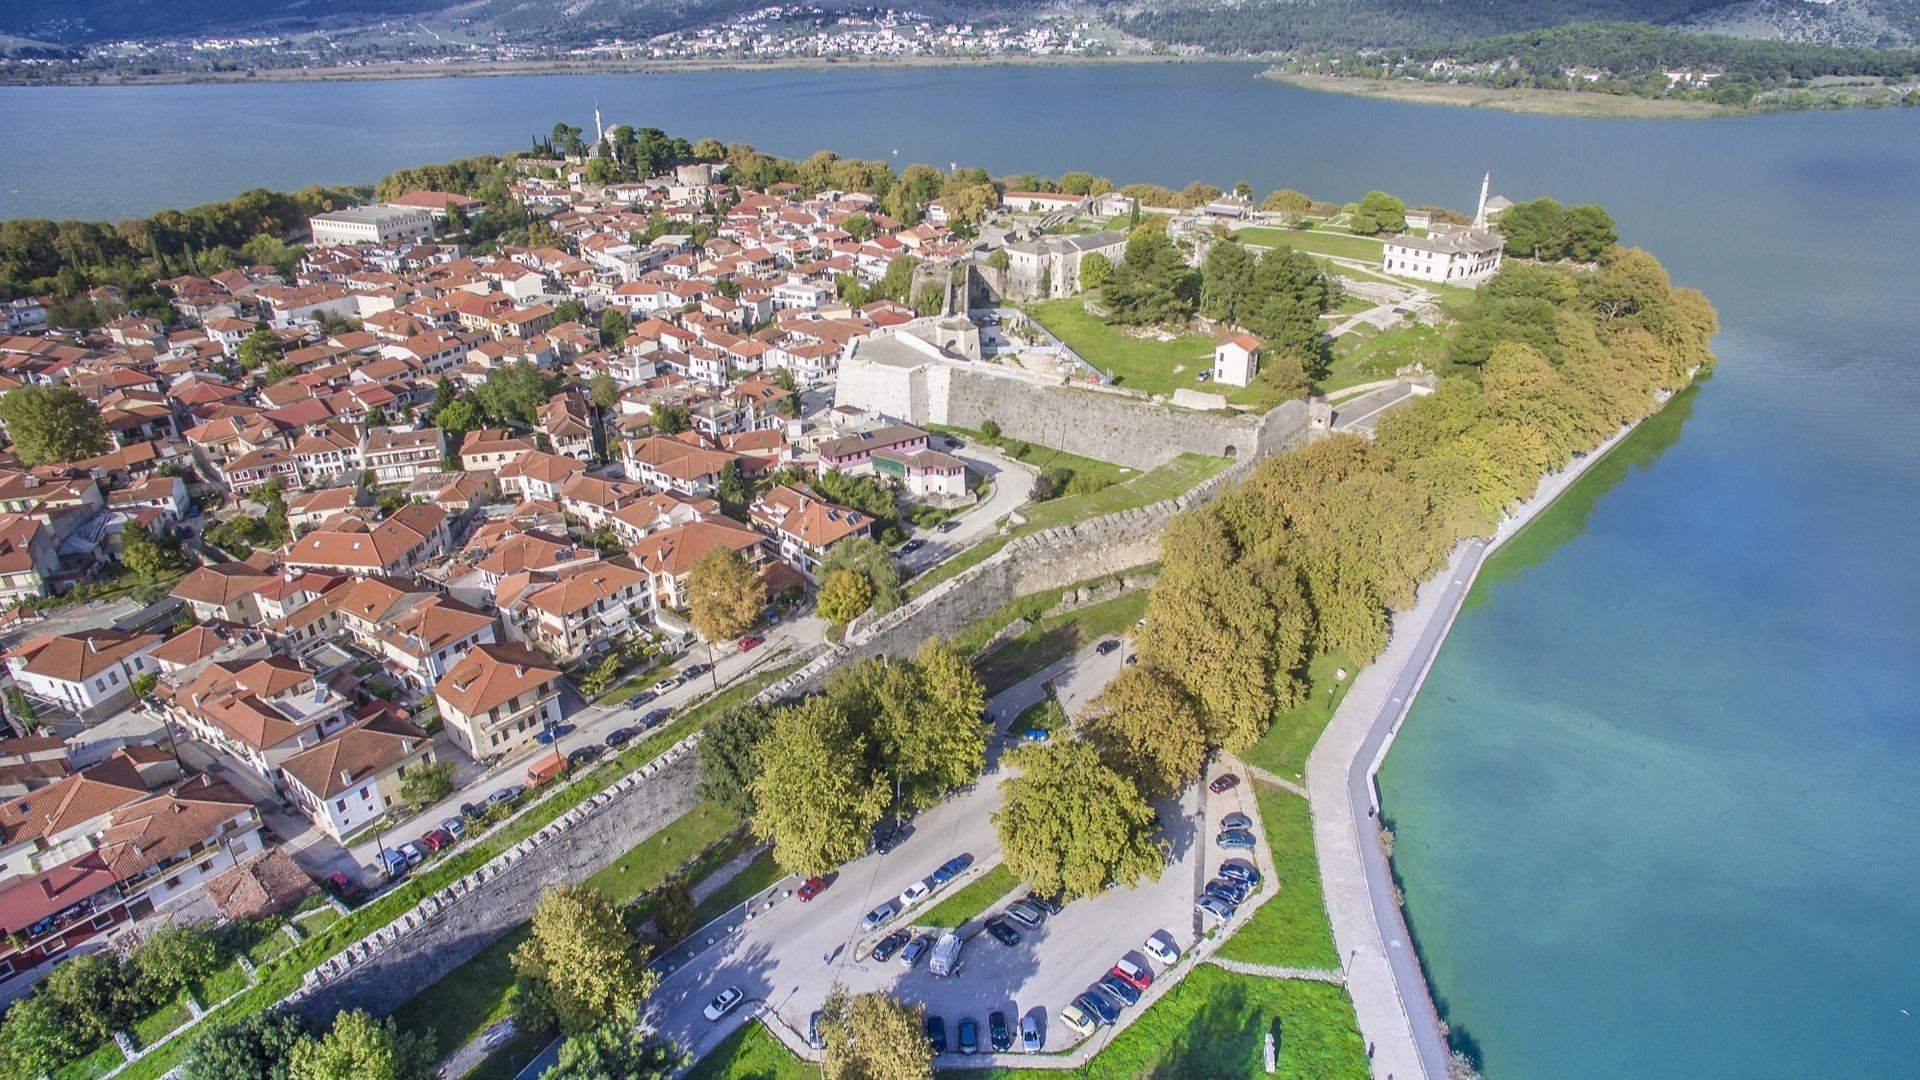 Ioannina.jpg